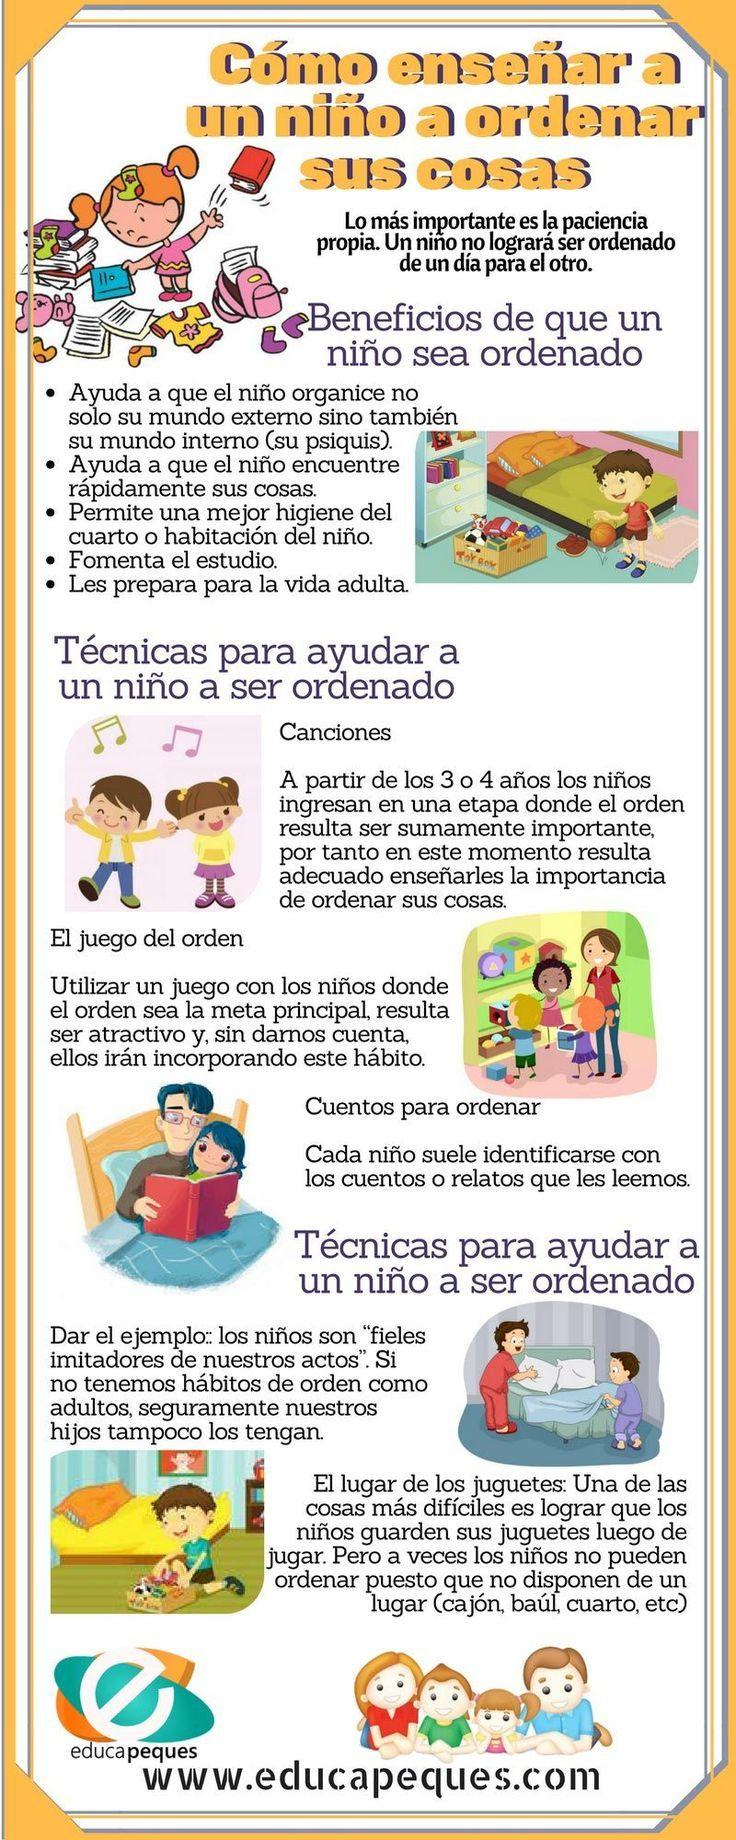 Infografía: Como ayudar a un niño a ser ordenado